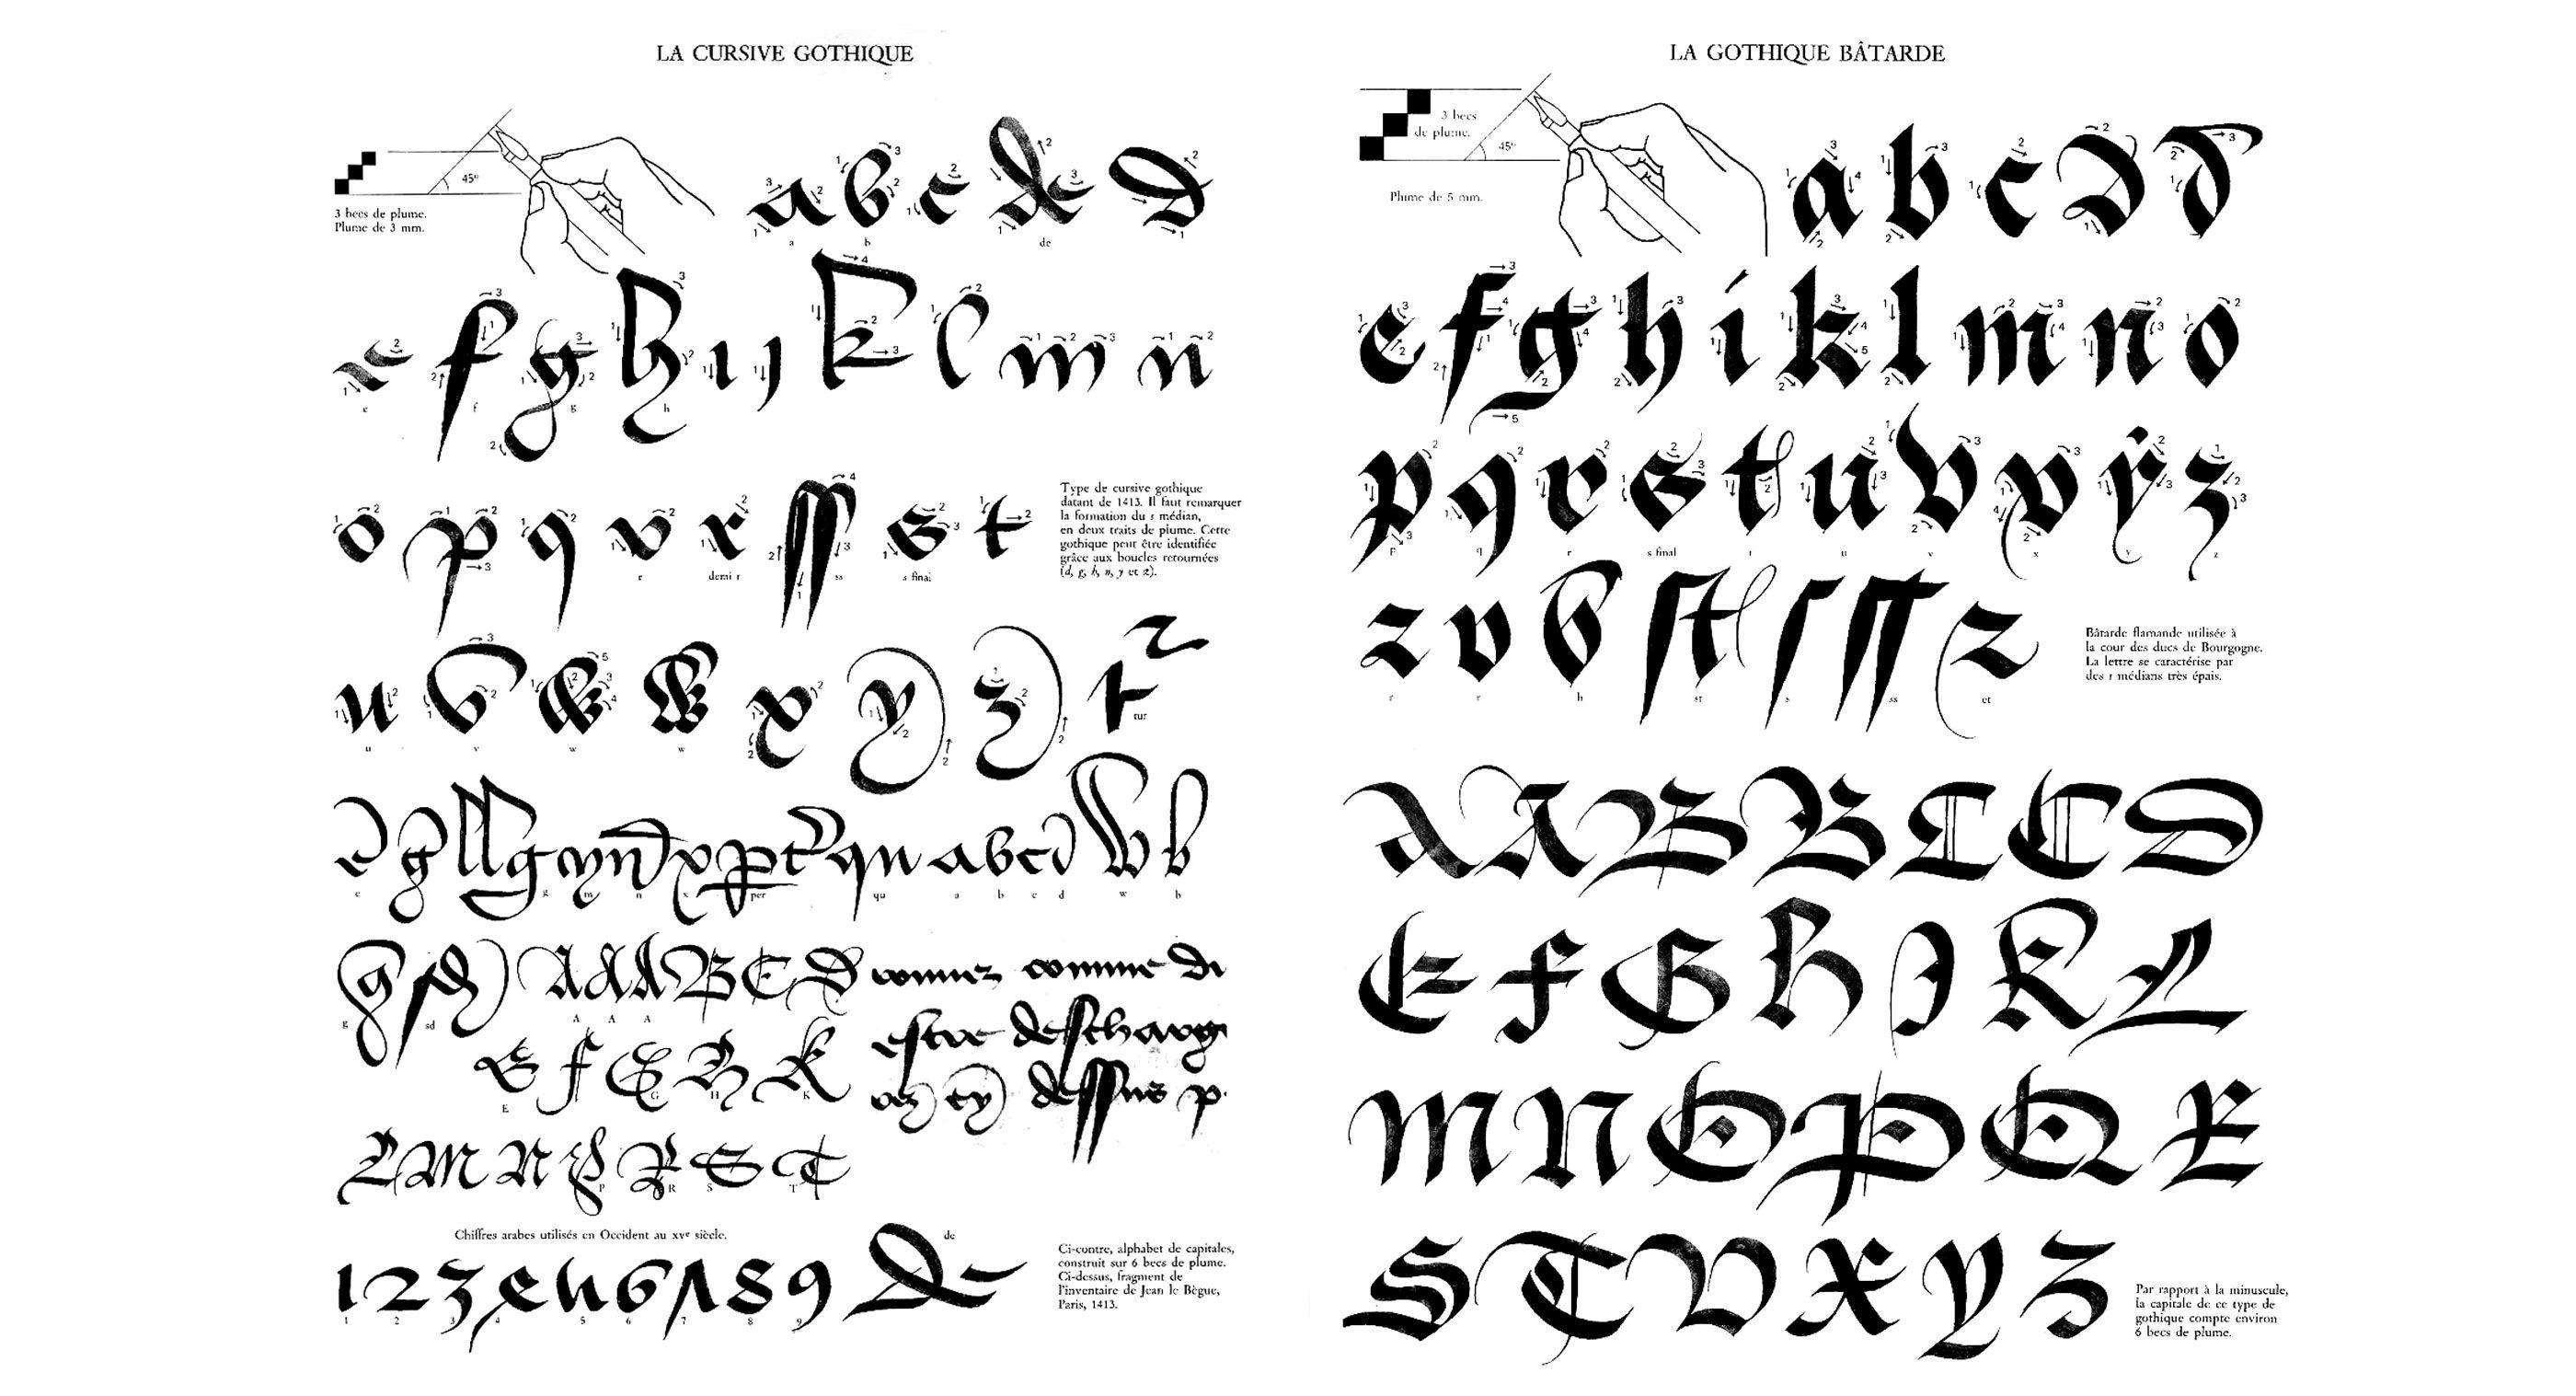 claude-mediavilla-calligraphie-cirsive-gothique-gothique-batarde-nb ...